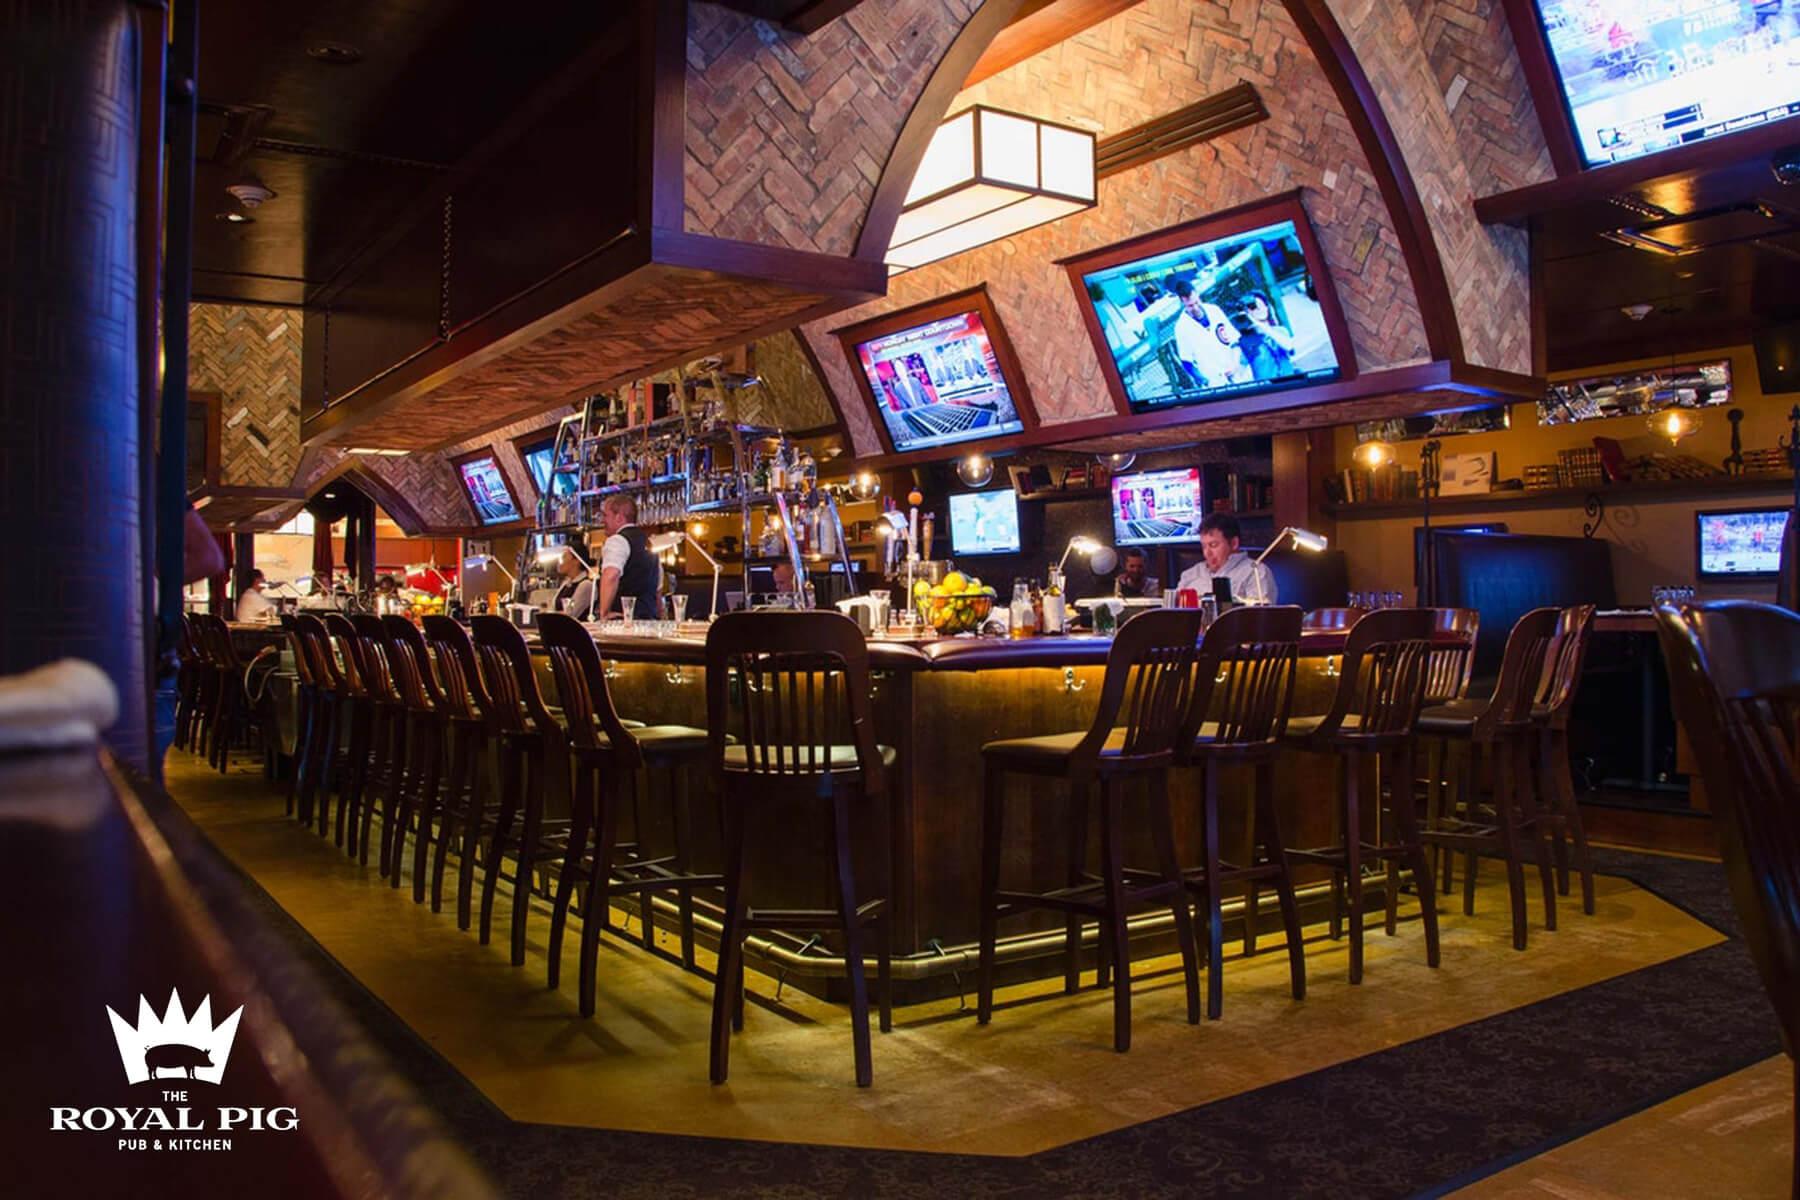 Royal Pig Pub & Kitchen - Ft. Lauderdale, FL